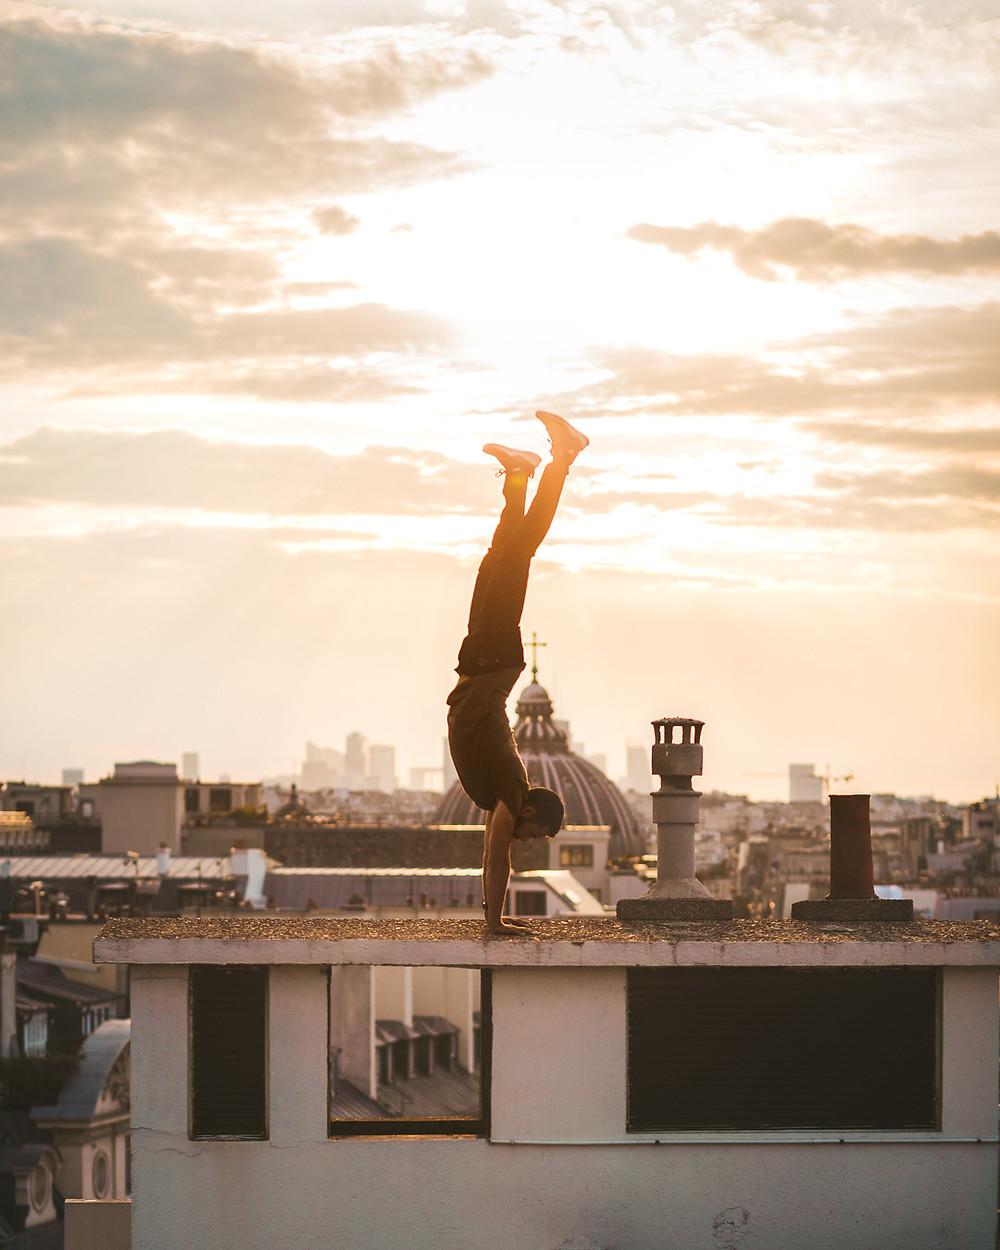 Equilibre devant le coucher de soleil